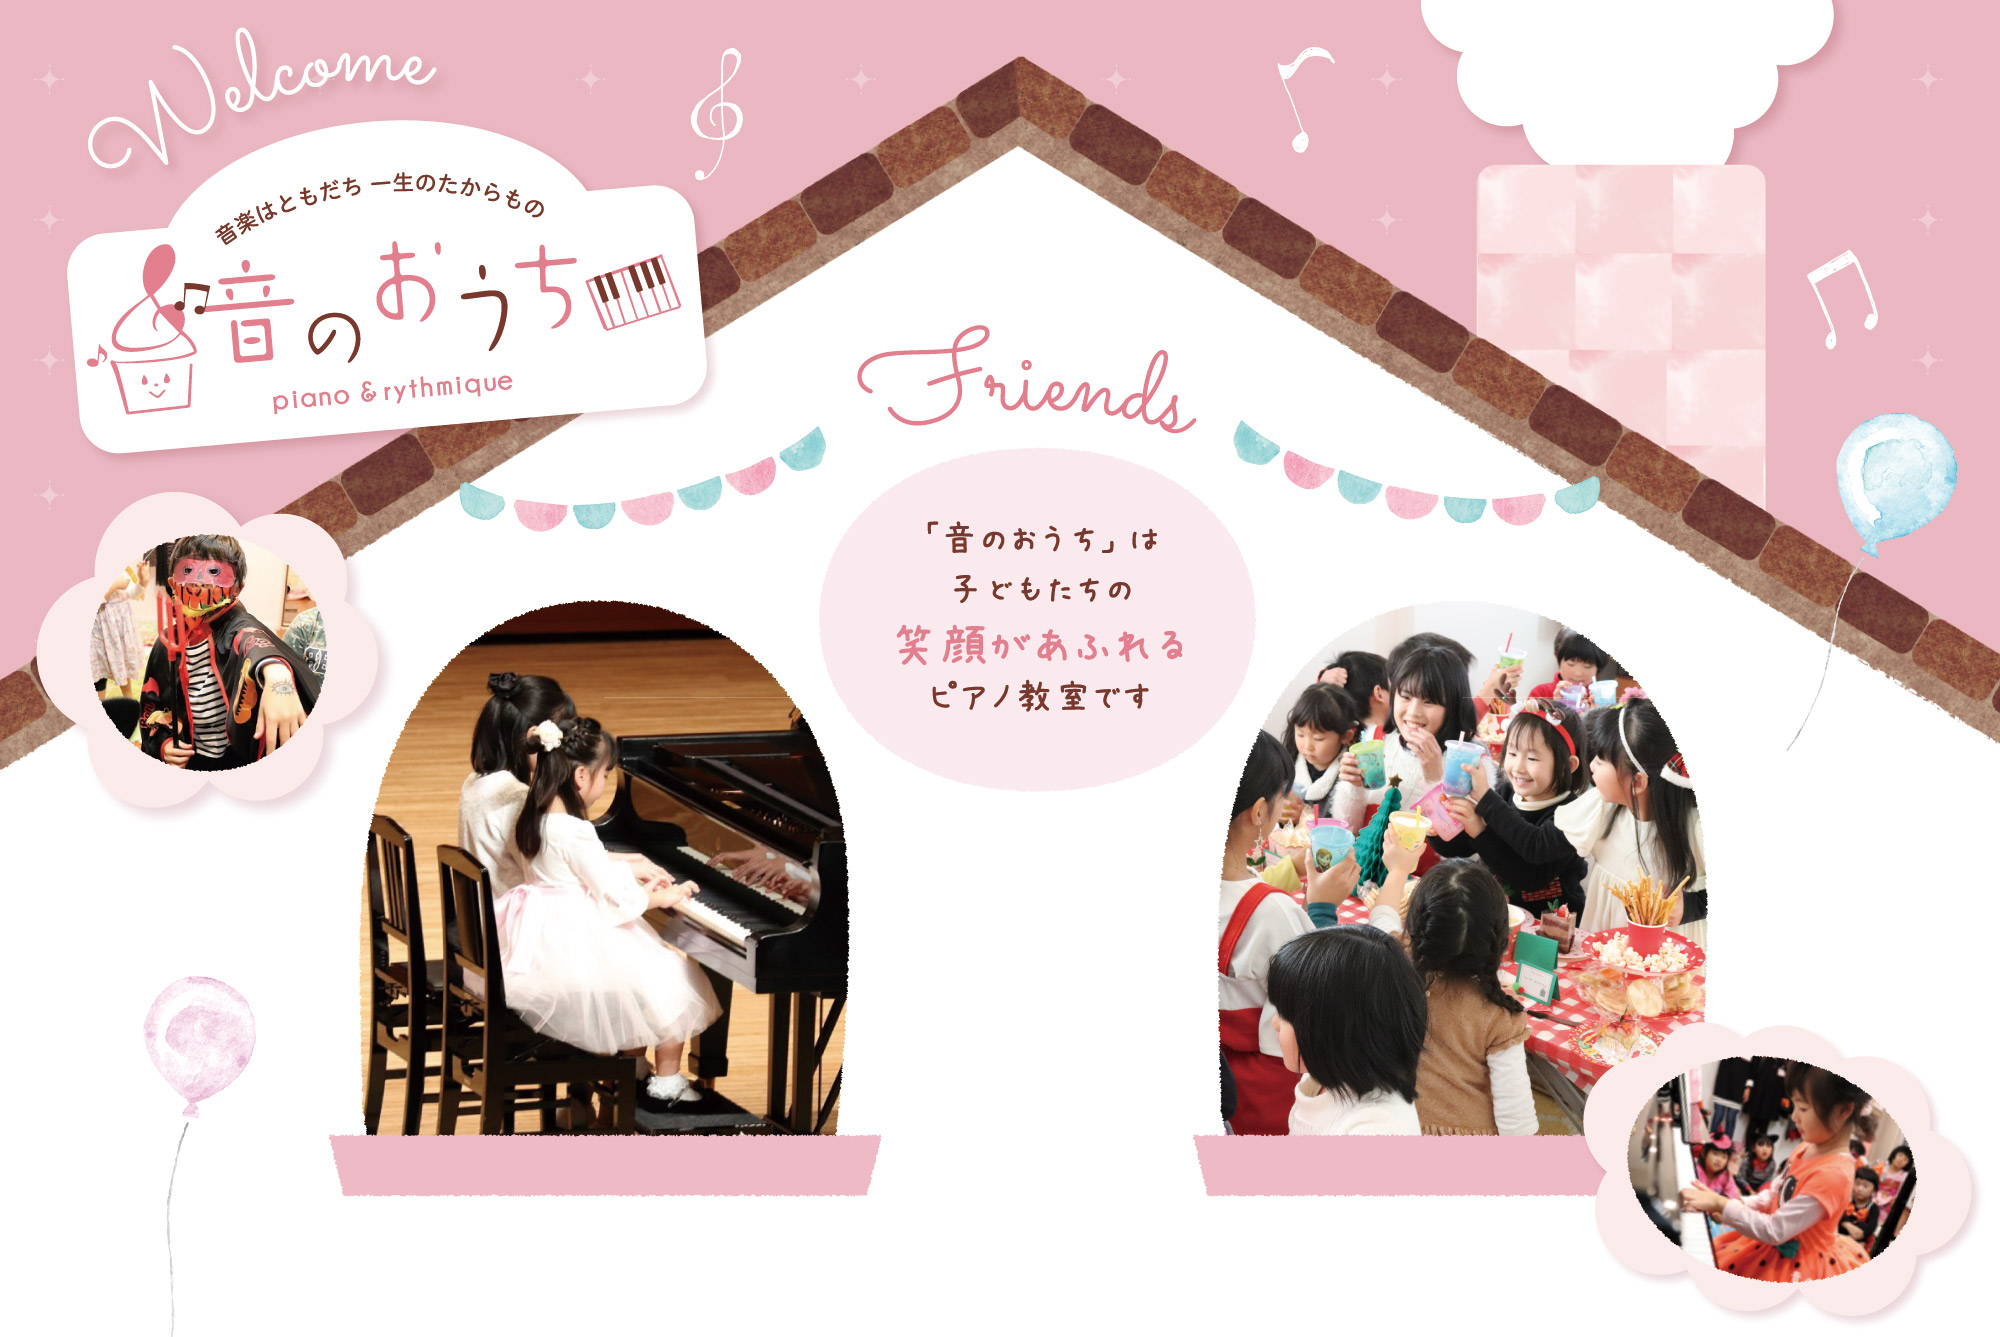 音のおうちピアノ教室 広島市中区吉島のピアノ教室